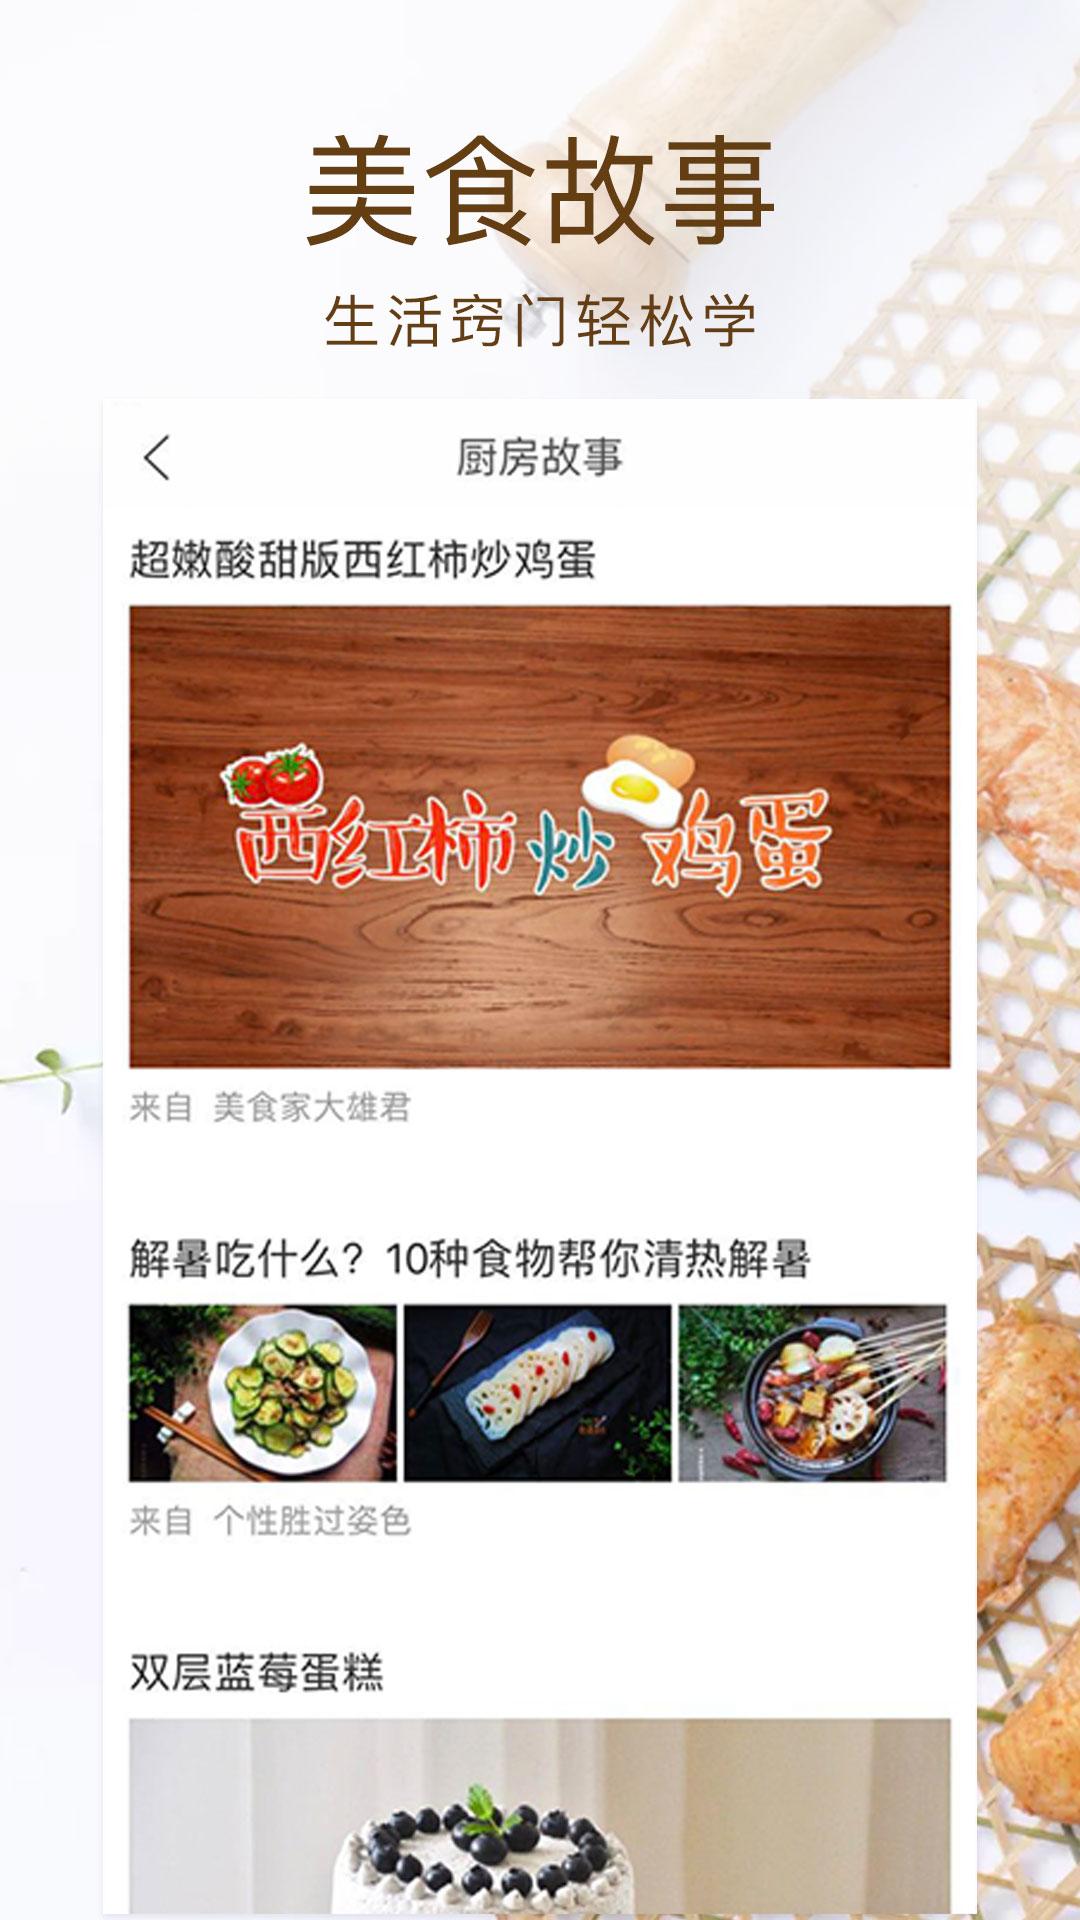 美食菜谱 APP截图